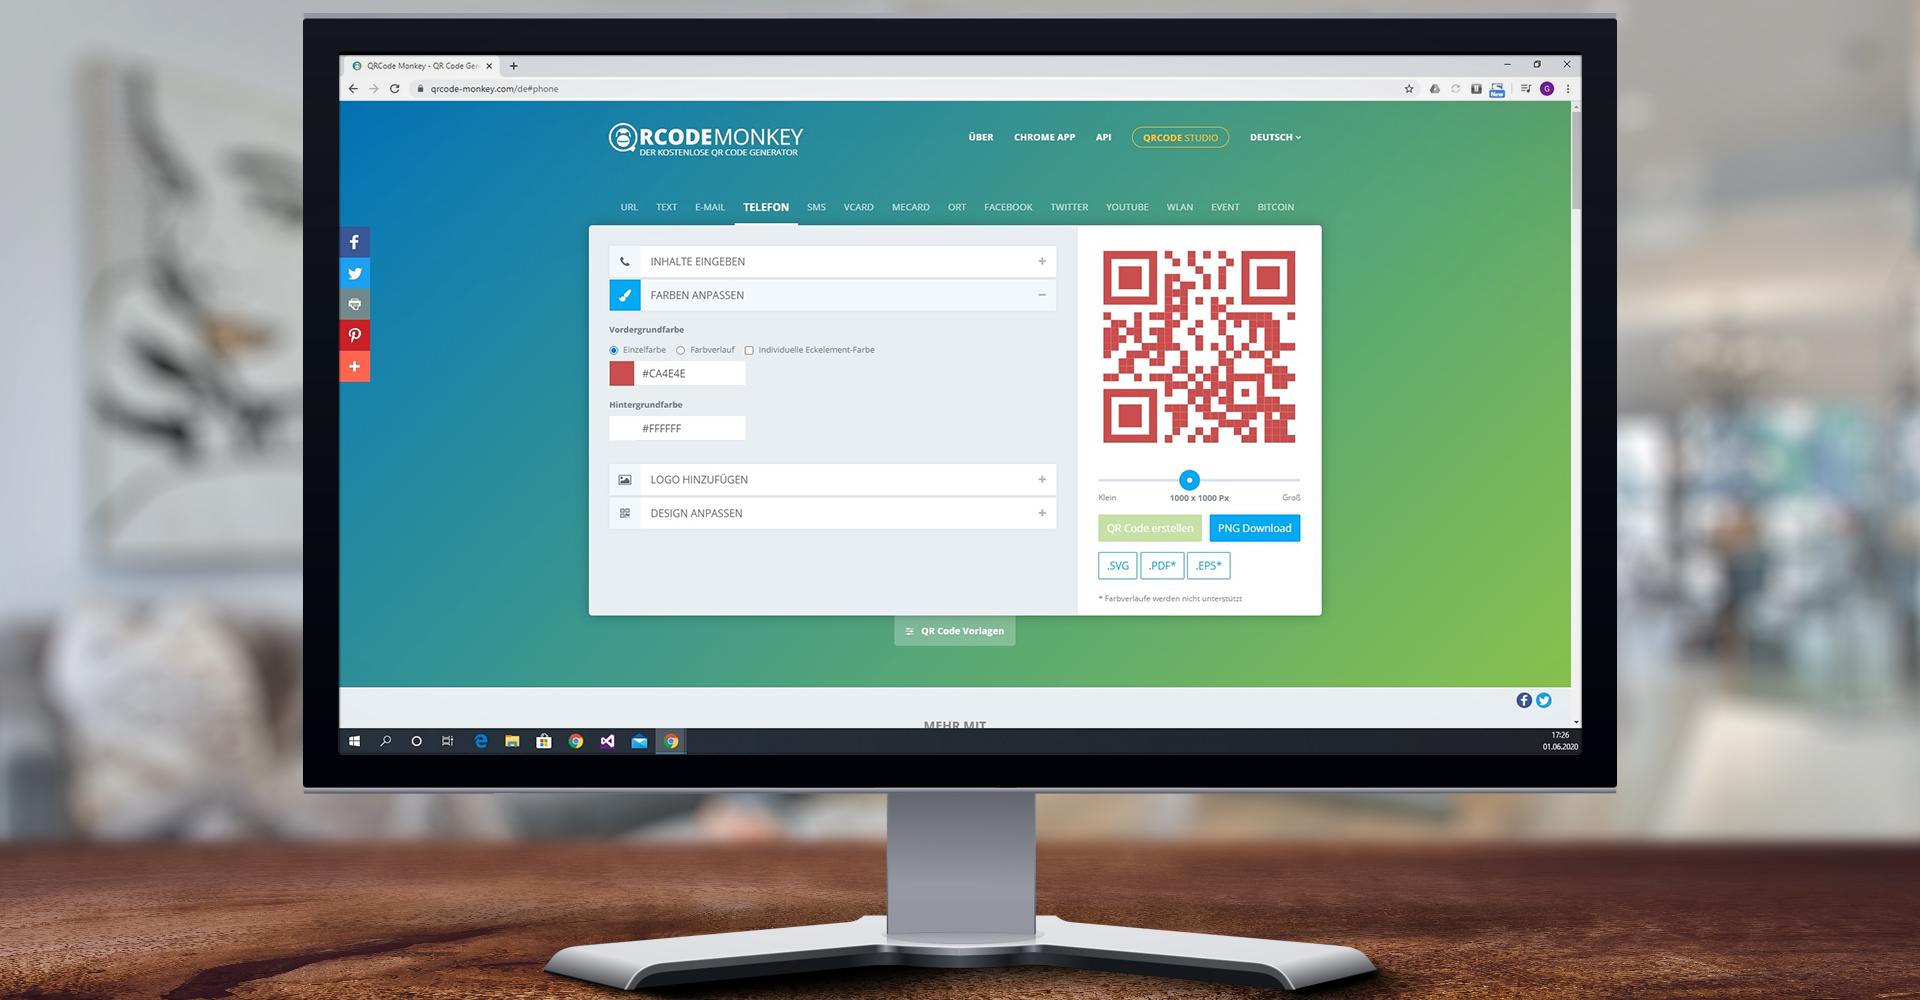 Die Webseite QRCodeMonkey im Google-Chrome-Browser auf dem Bildschirm eines Windows-10-PCs